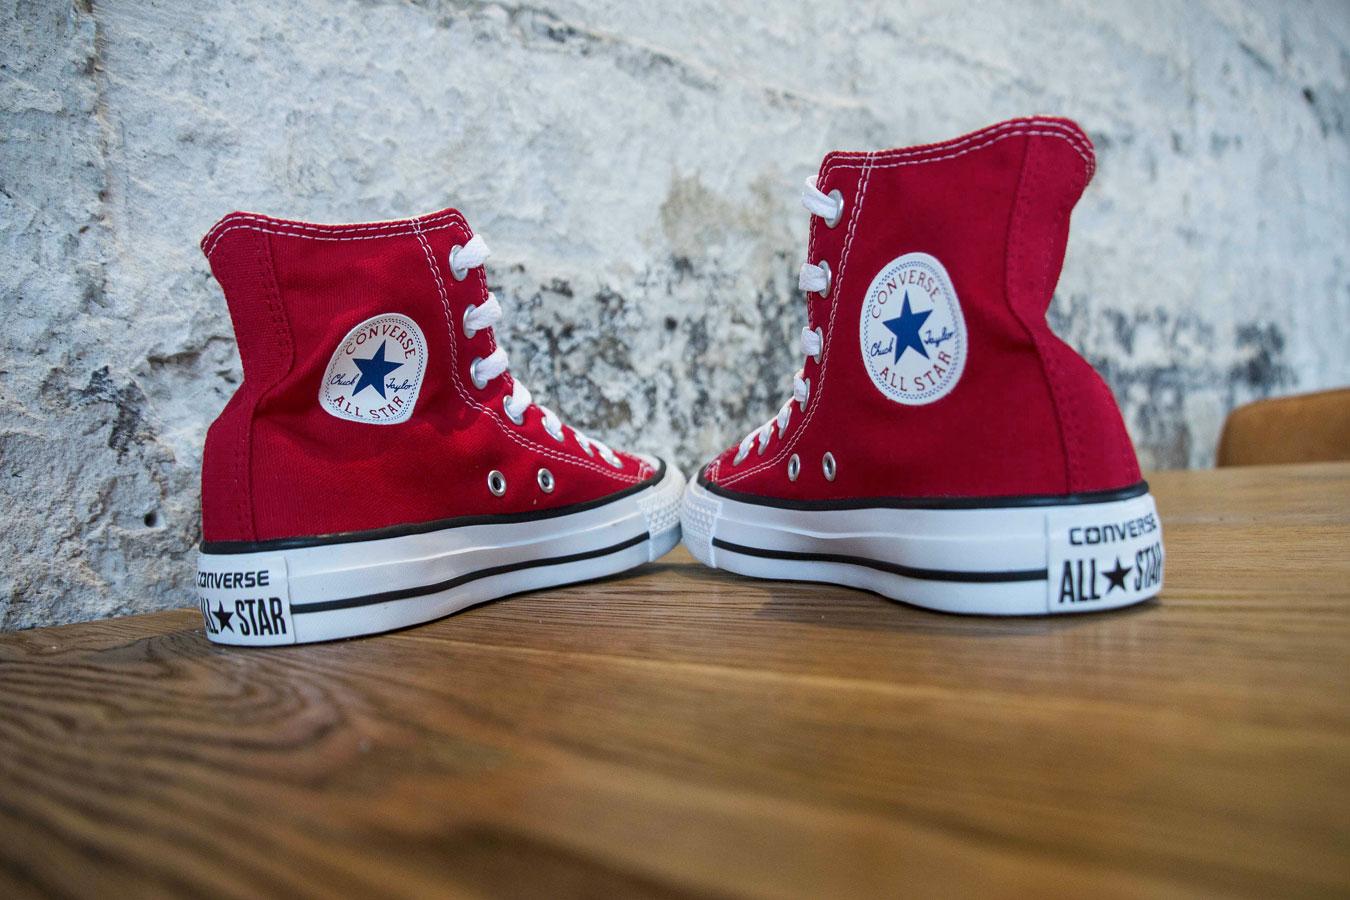 01d0161b2790d 6872 Converse Chuck Taylor All Star červené M9621 Converse ...